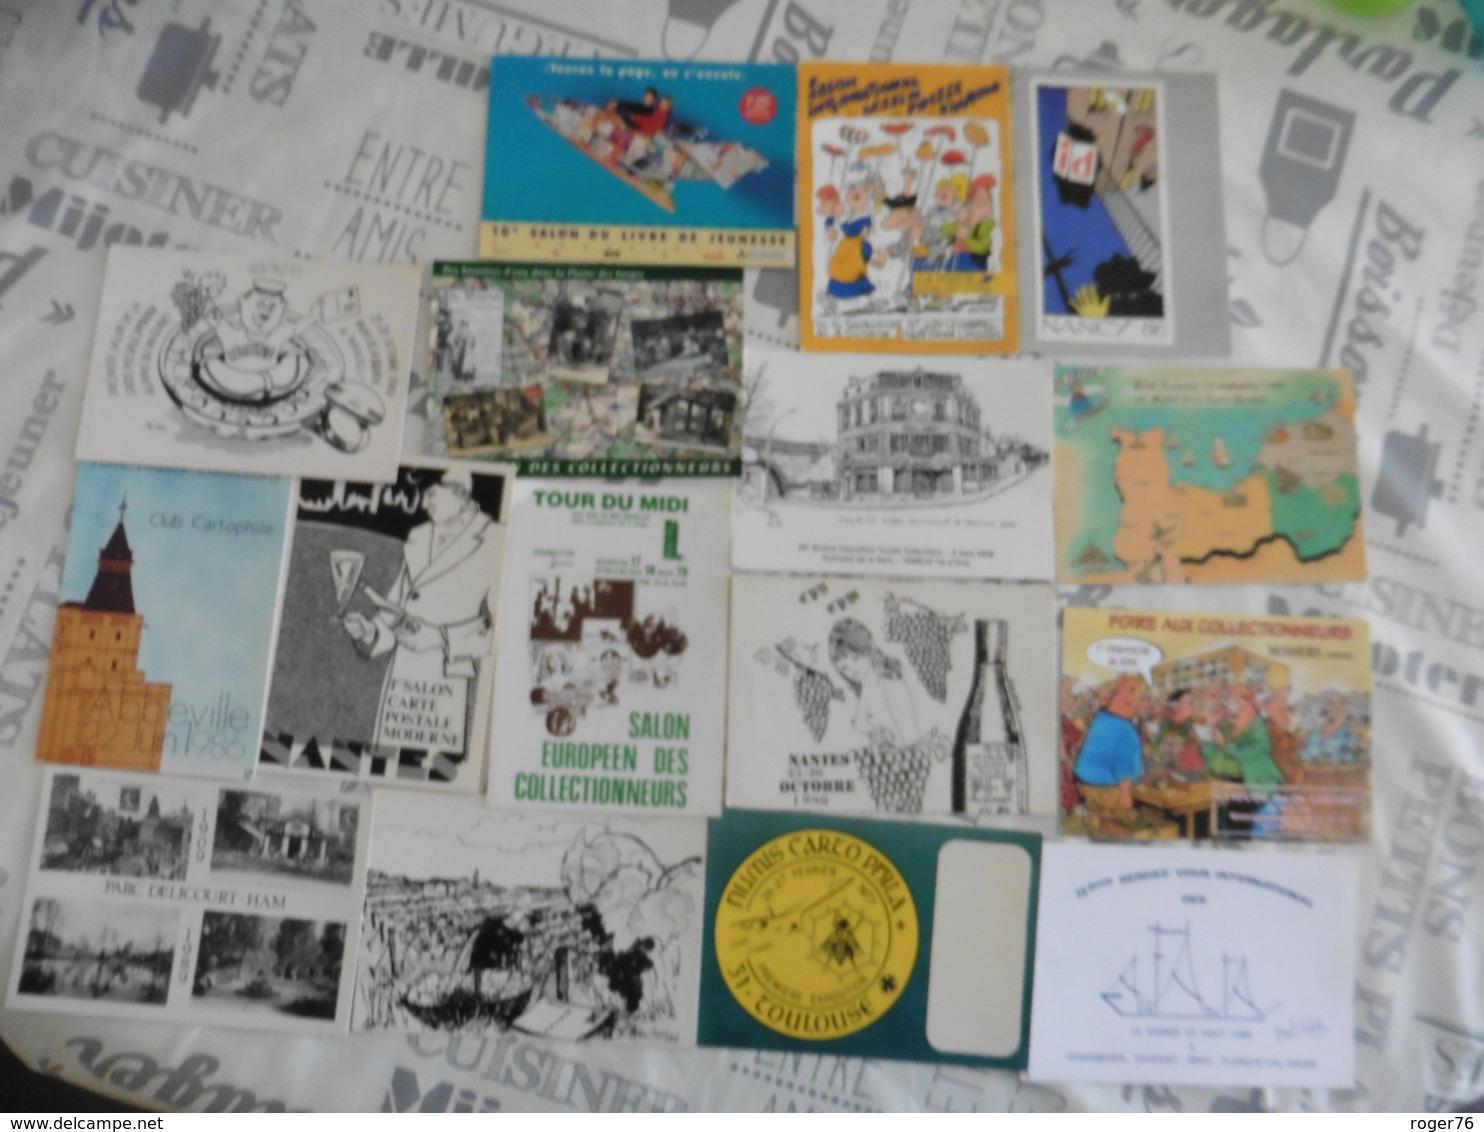 LOT DE  16   CARTES  POSTALES   SUR  LES  SALONS  DE  COLLECTIONS - Cartes Postales